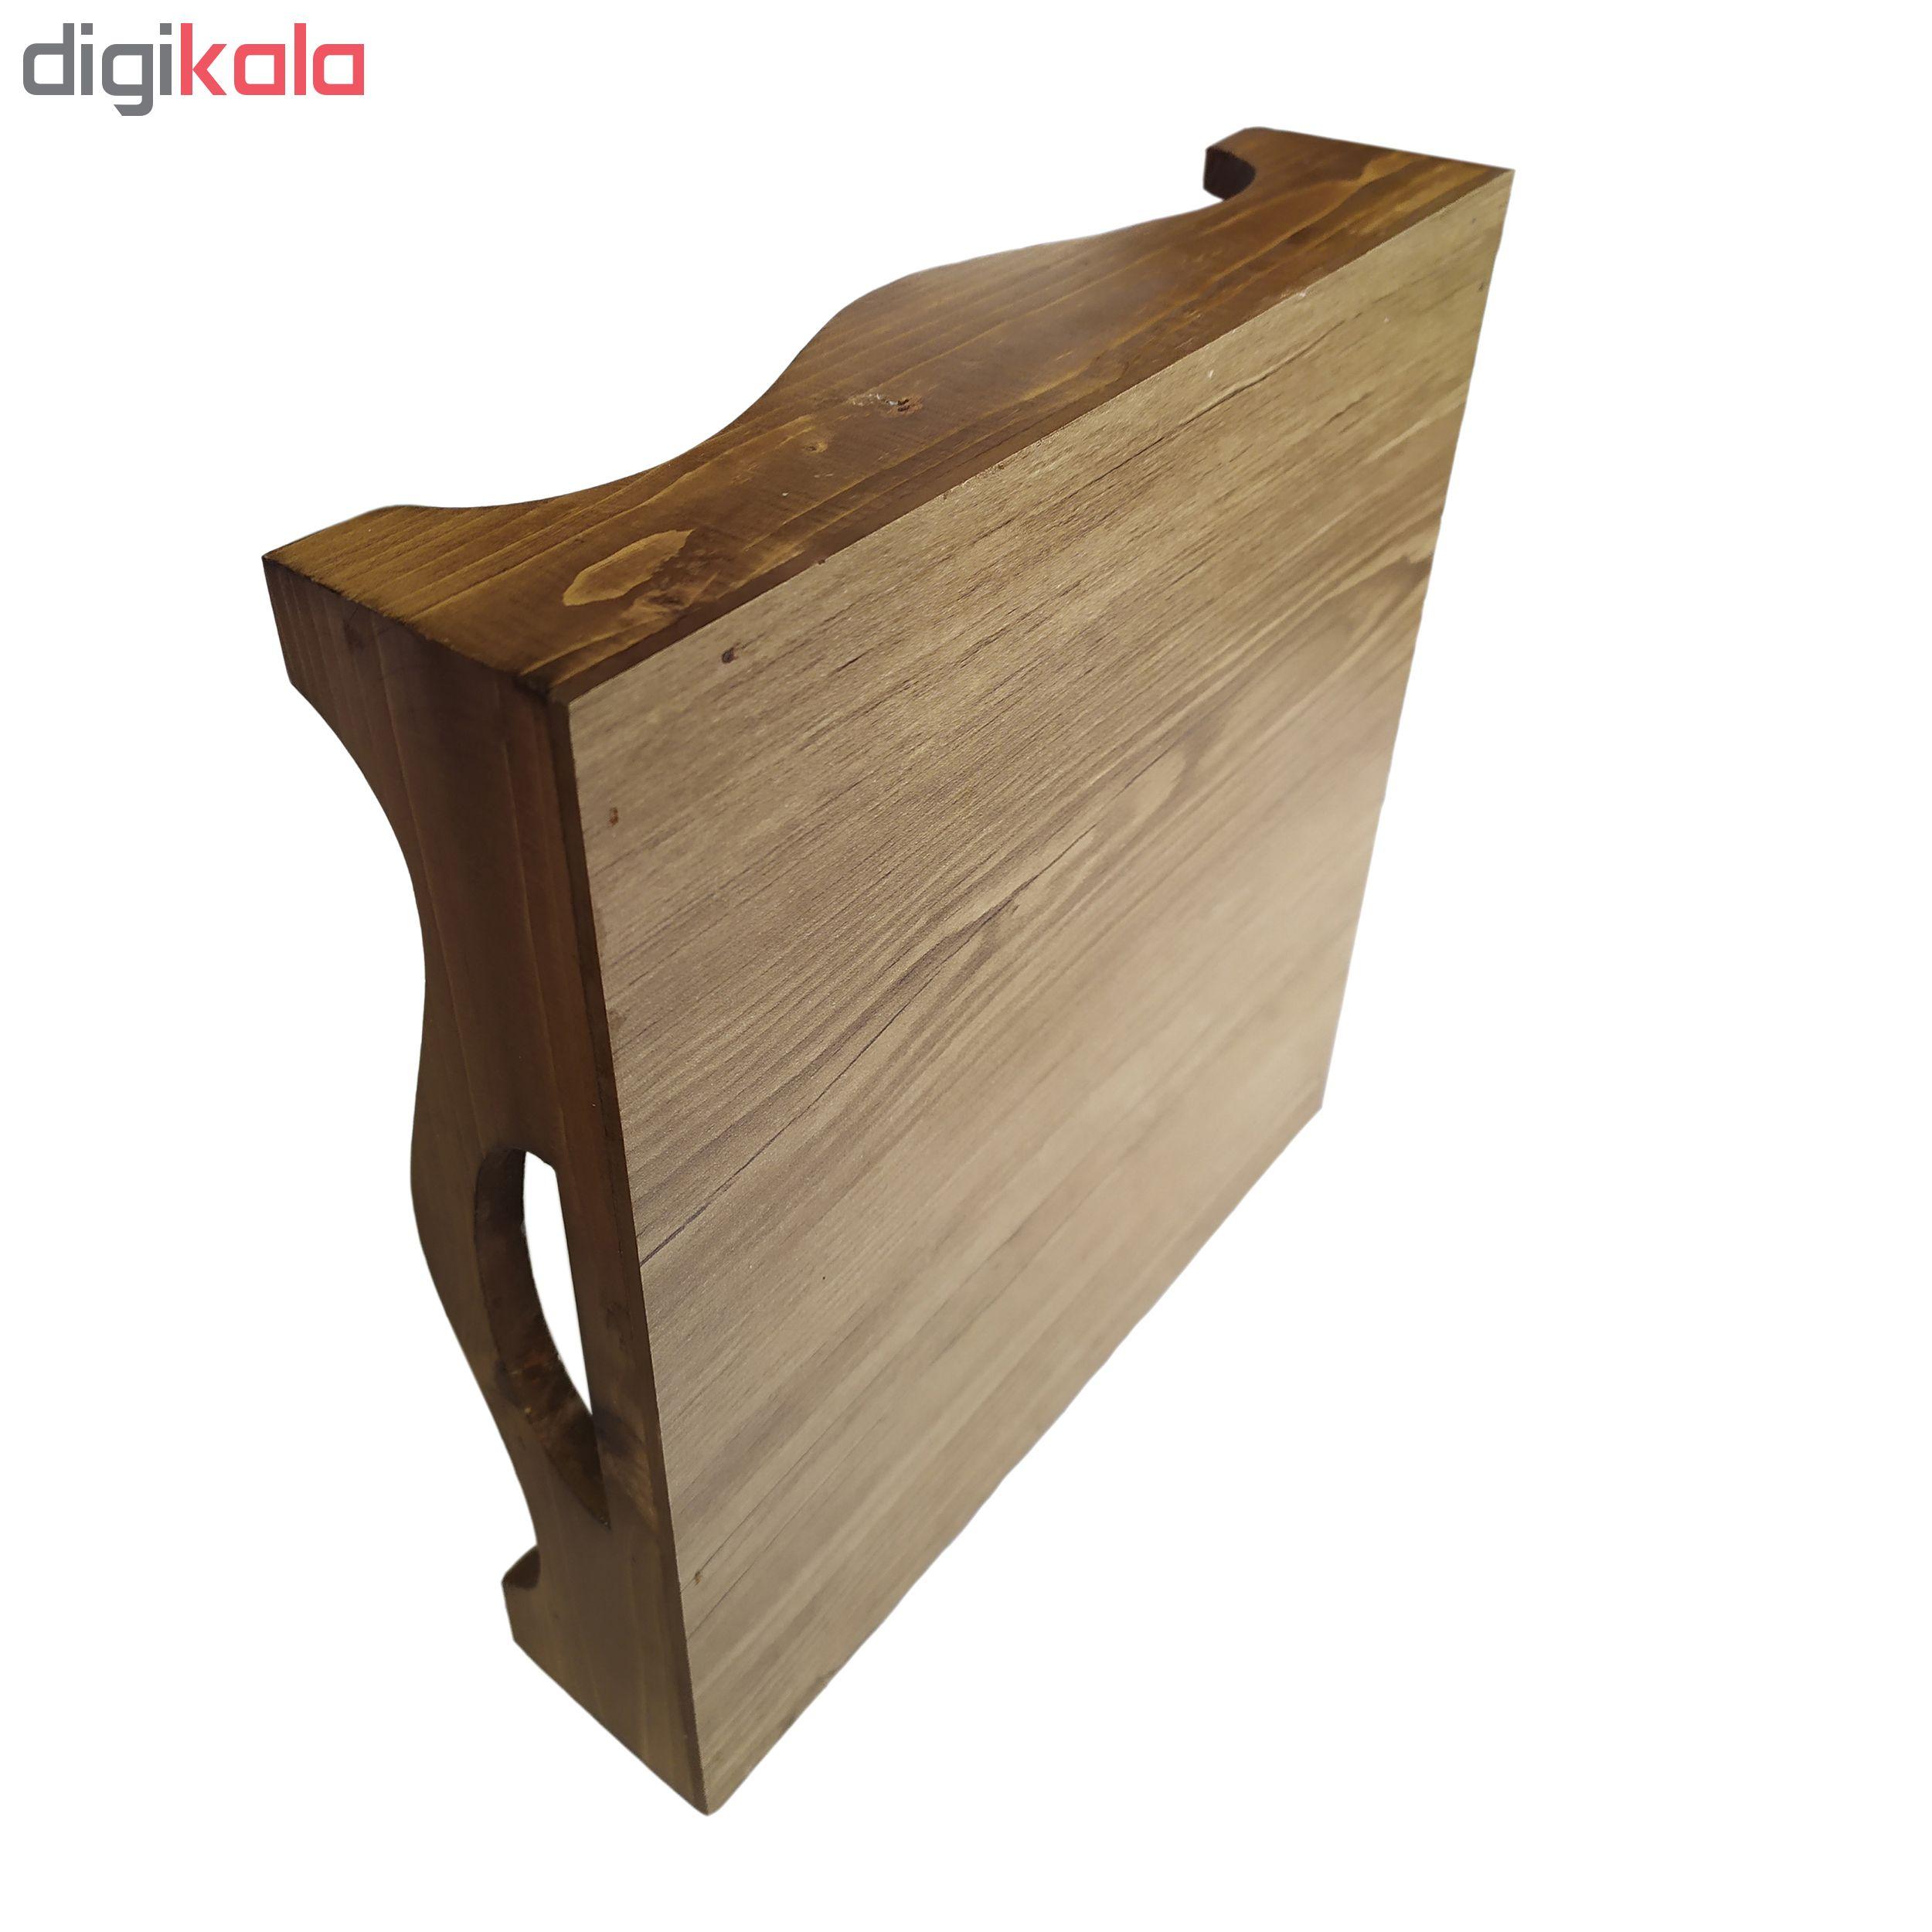 سینی کاشی کاری چوبی کد 2020331